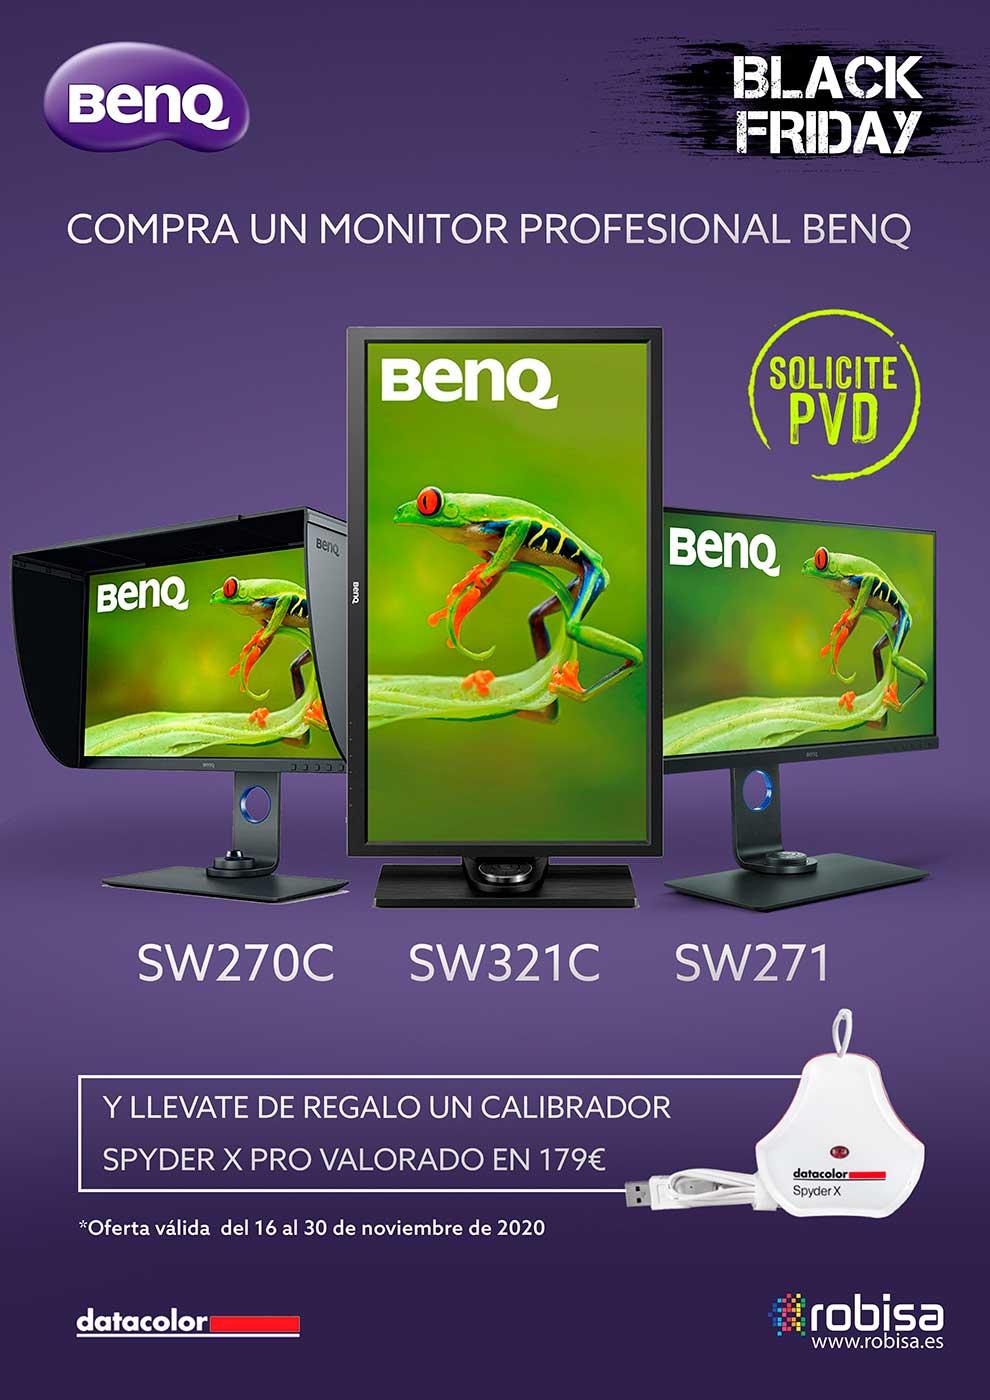 blackfriday monitores profesionales